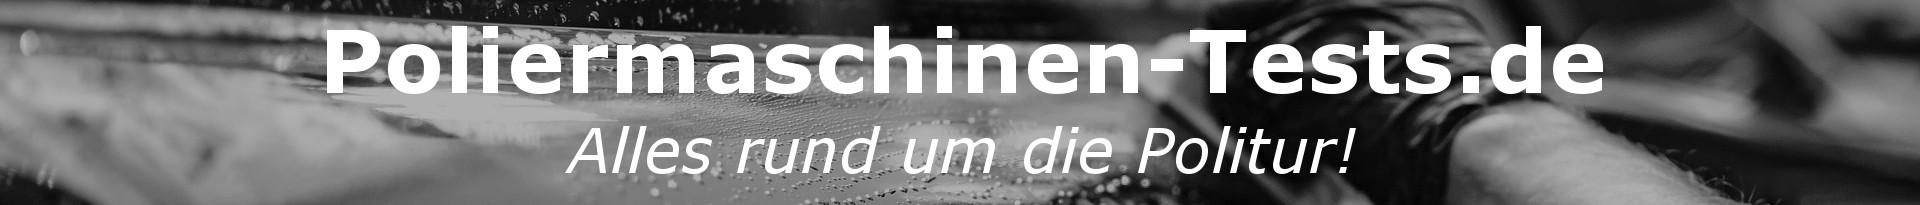 poliermaschinen-tests.de